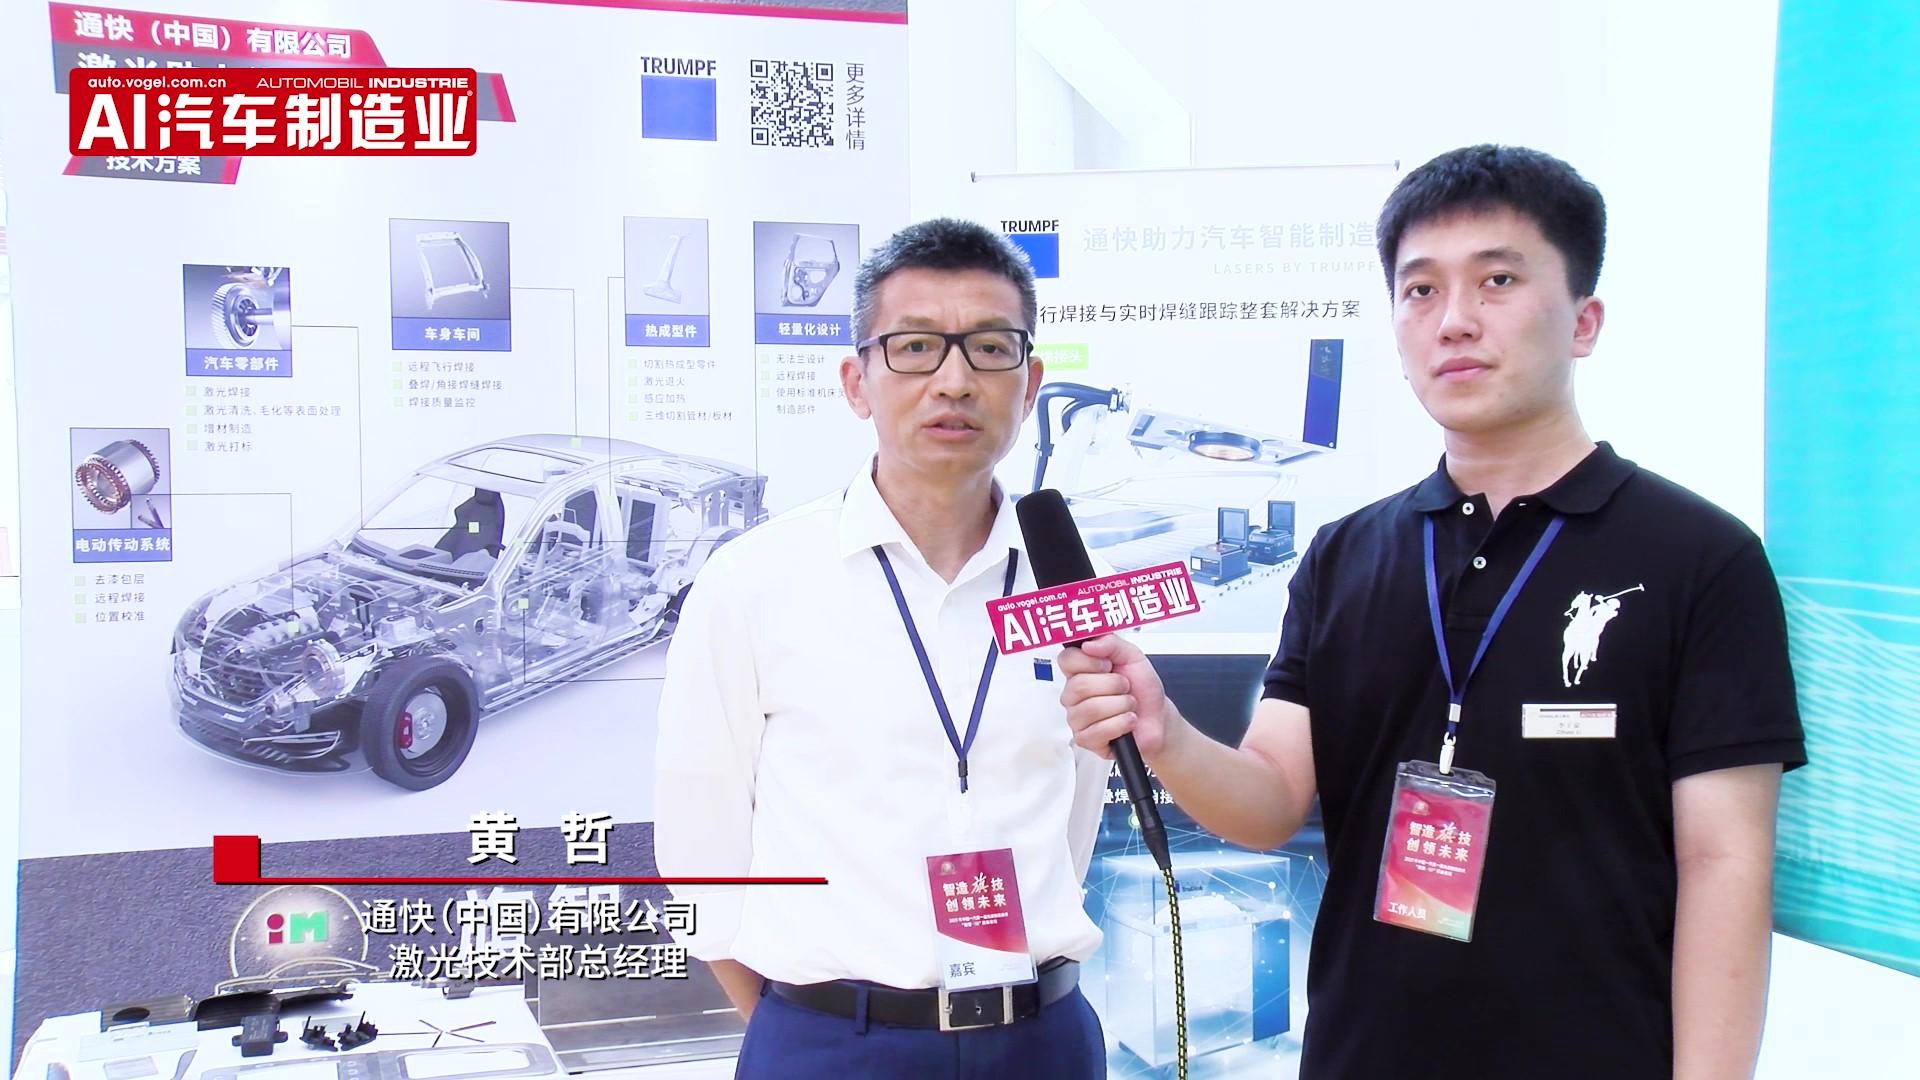 通快(中国)有限公司激光技术部总经理黄哲